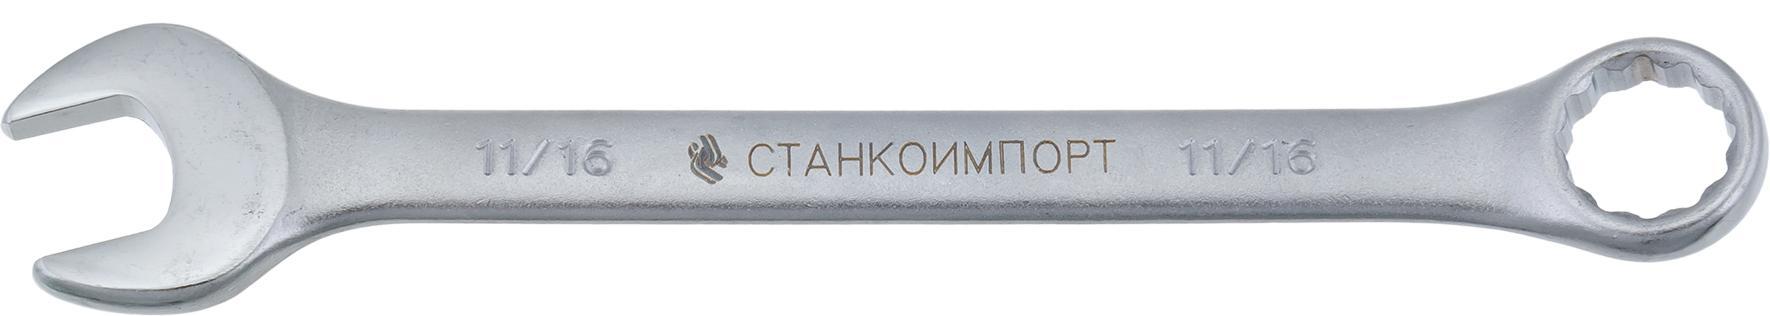 Купить Ключ СТАНКОИМПОРТ КК.11.29.Д2